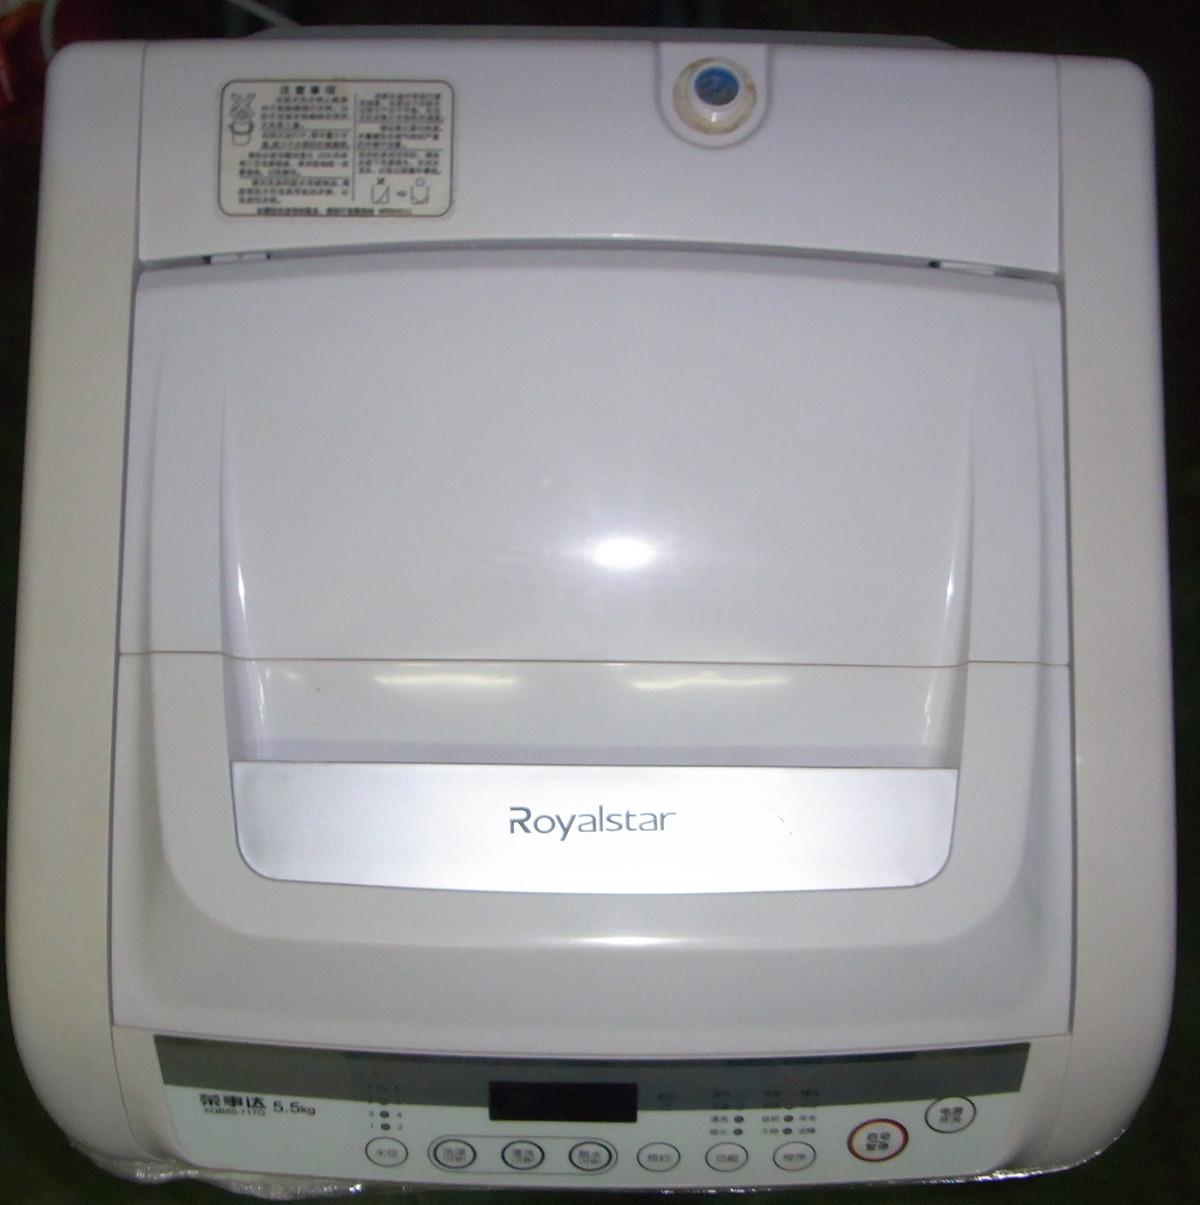 电冰箱.容事达洗衣机.索尼34寸纯平电视机.